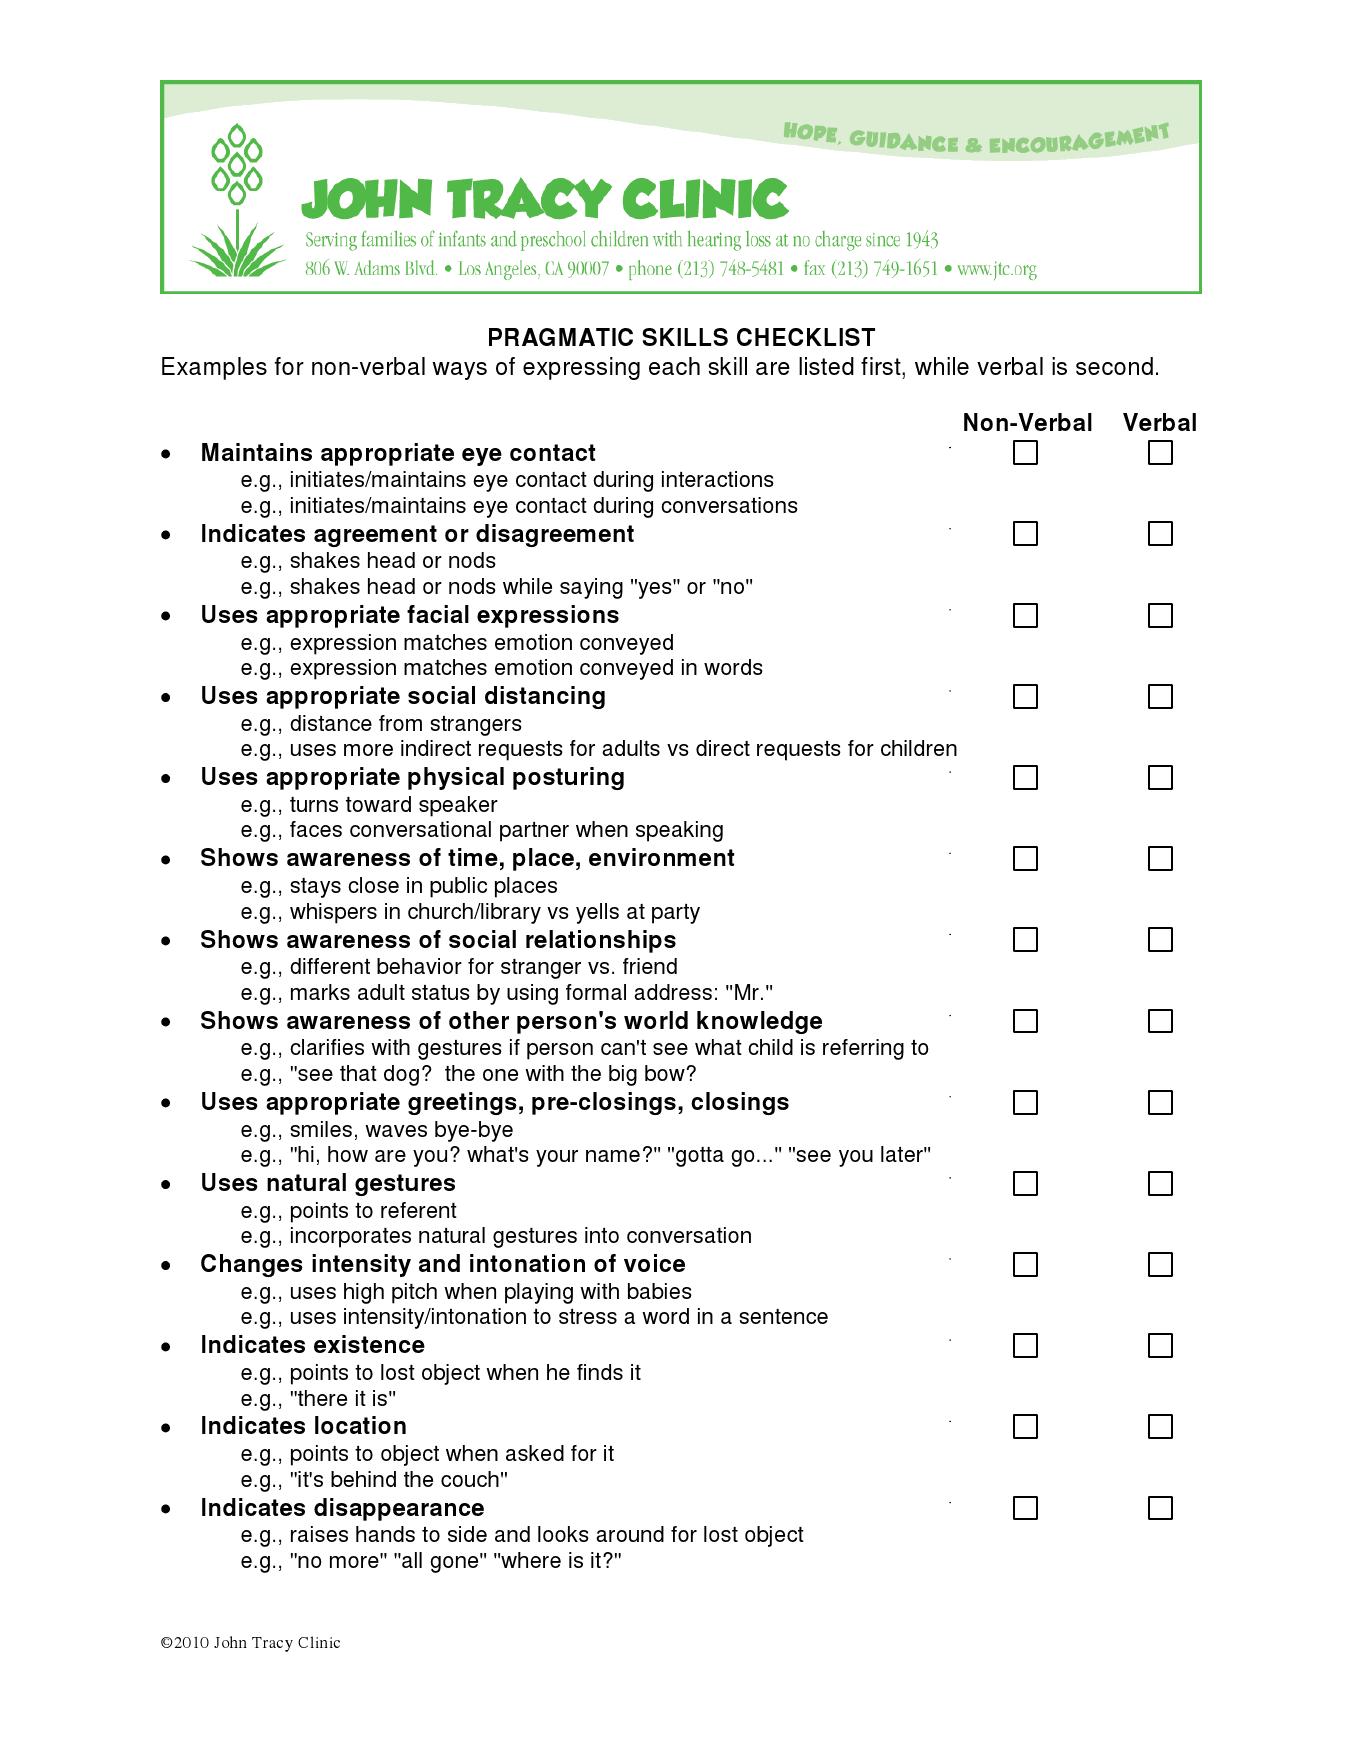 work skills checklist